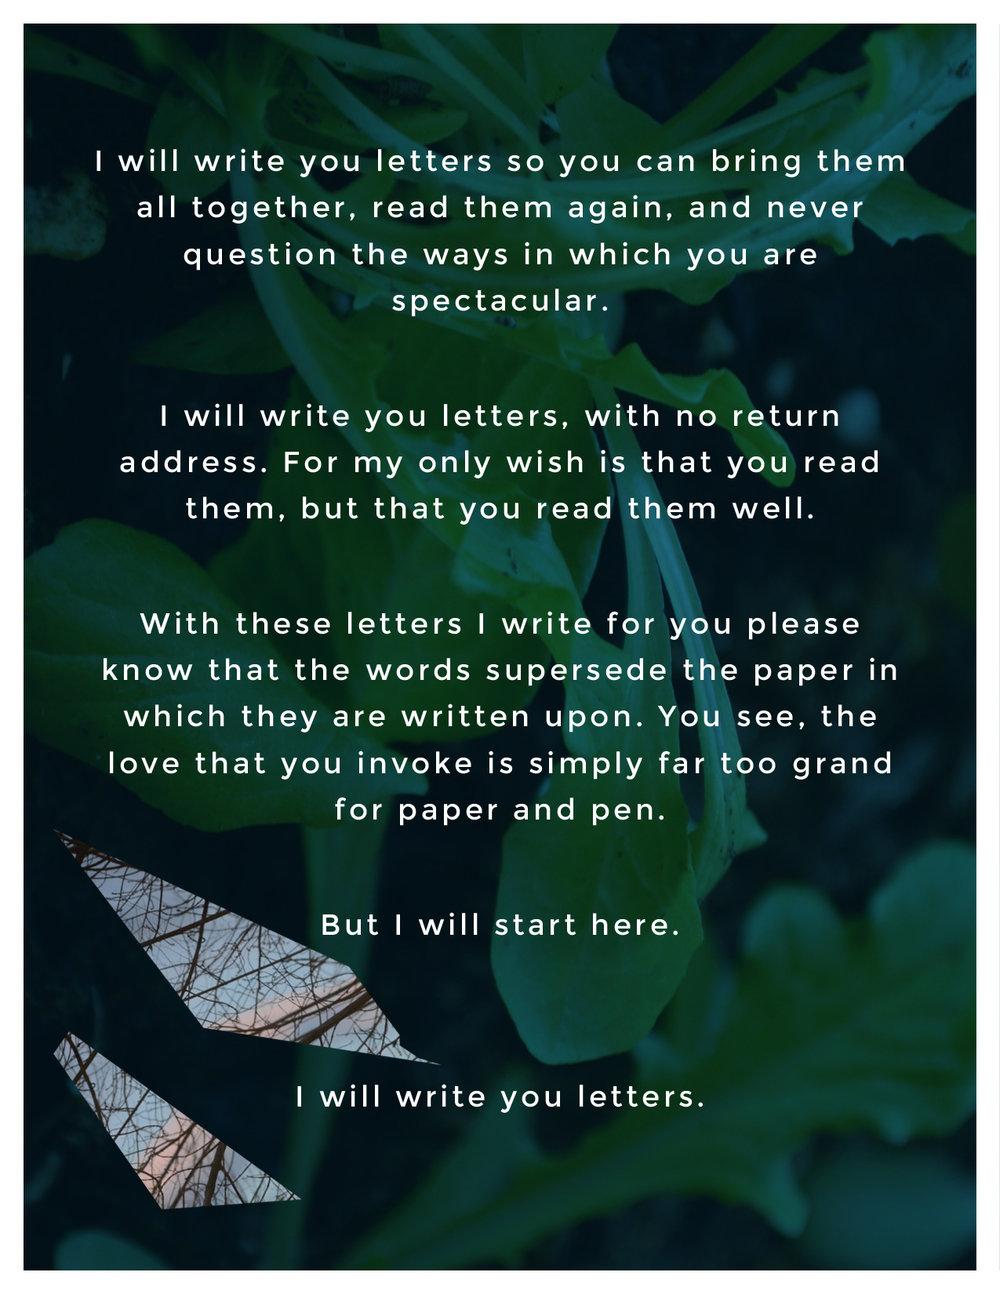 letters 5.jpg